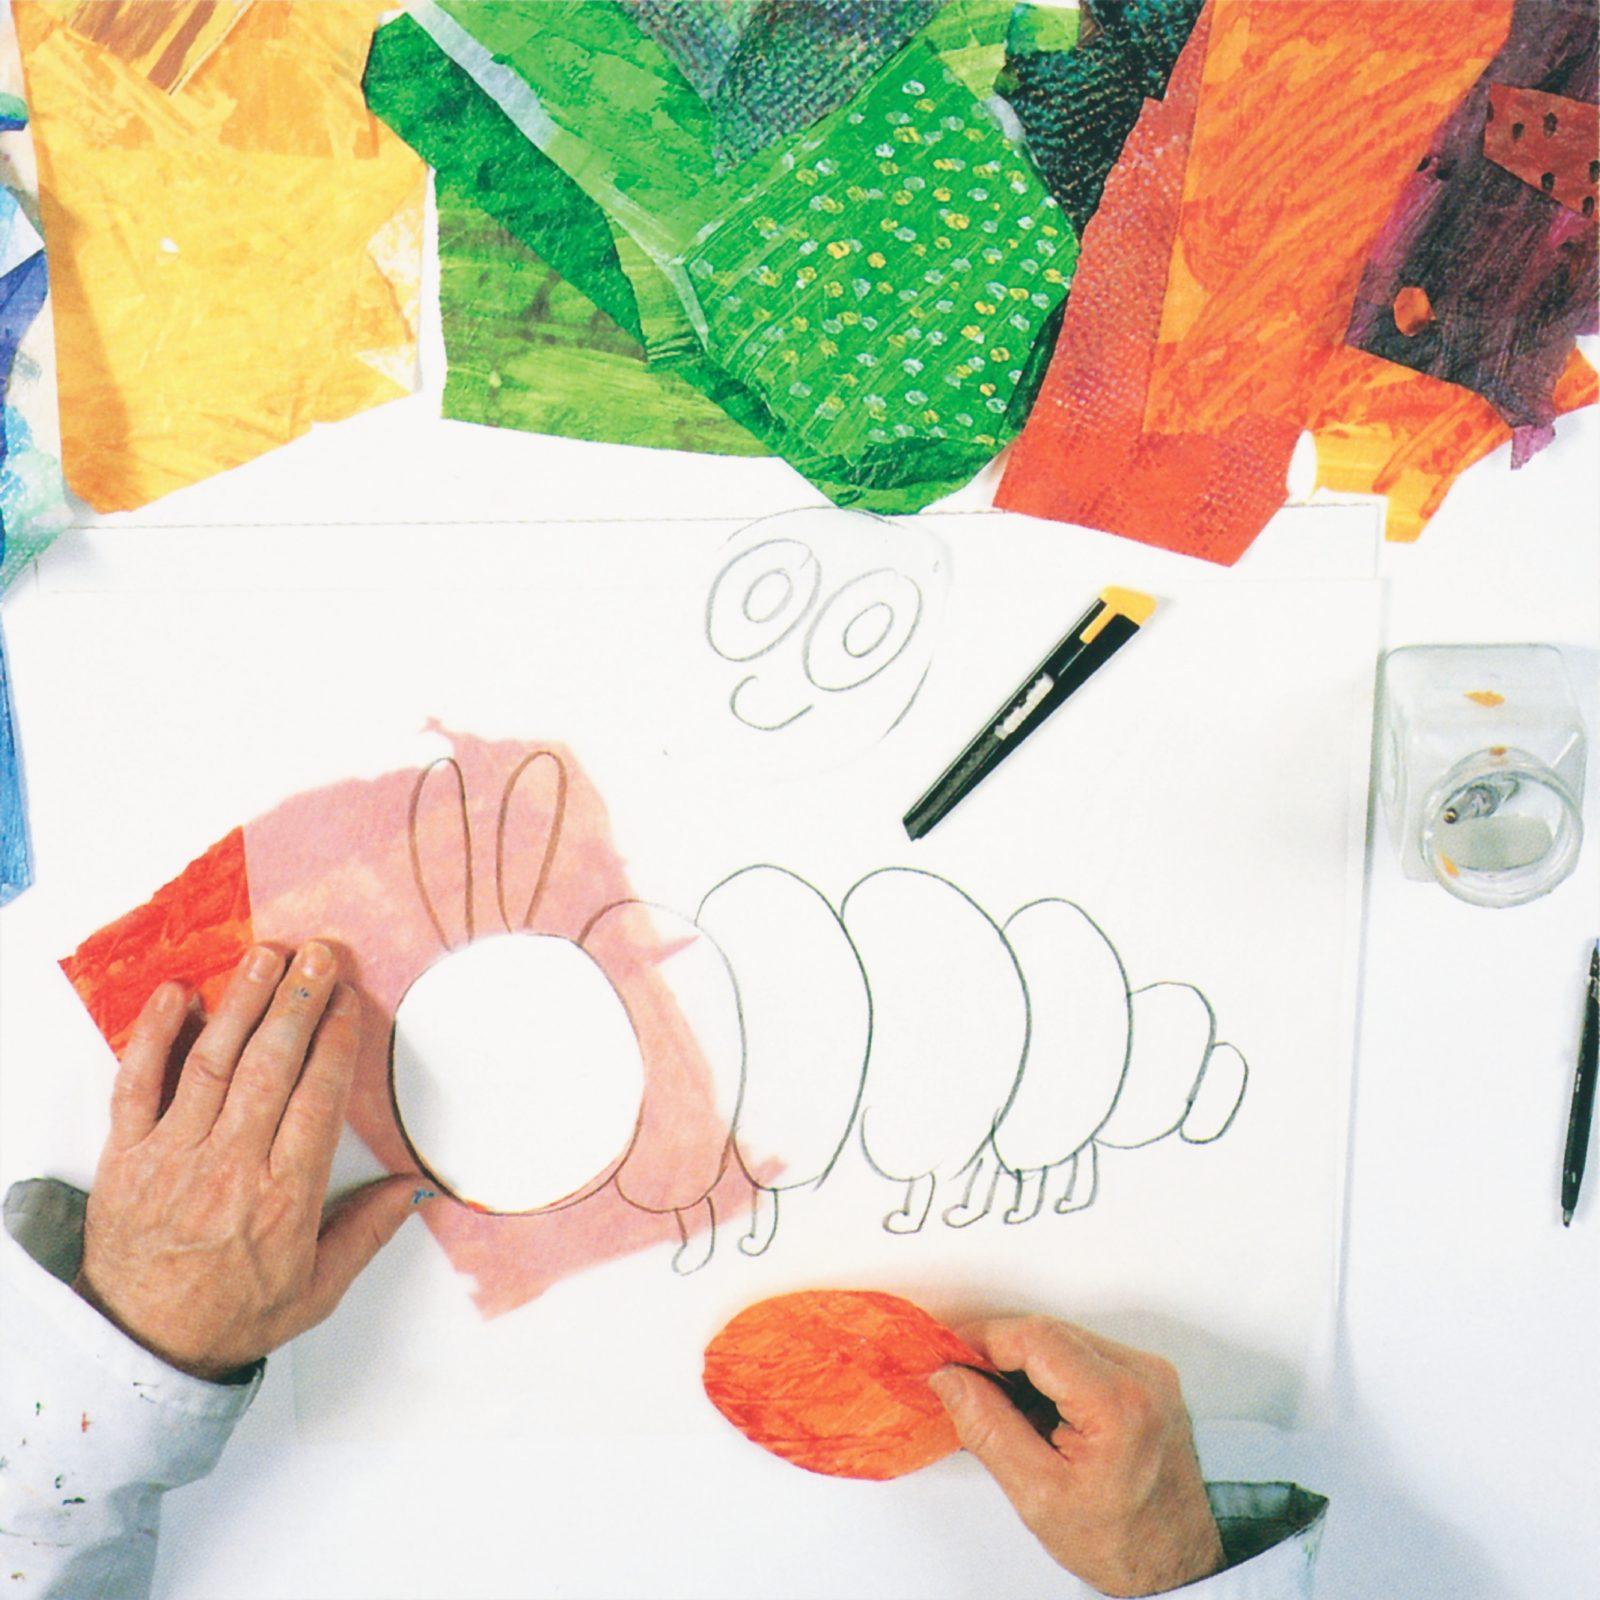 製作 はら ぺこあおむし 保育の現場におけるはらぺこあおむしの製作物の10のアイディア